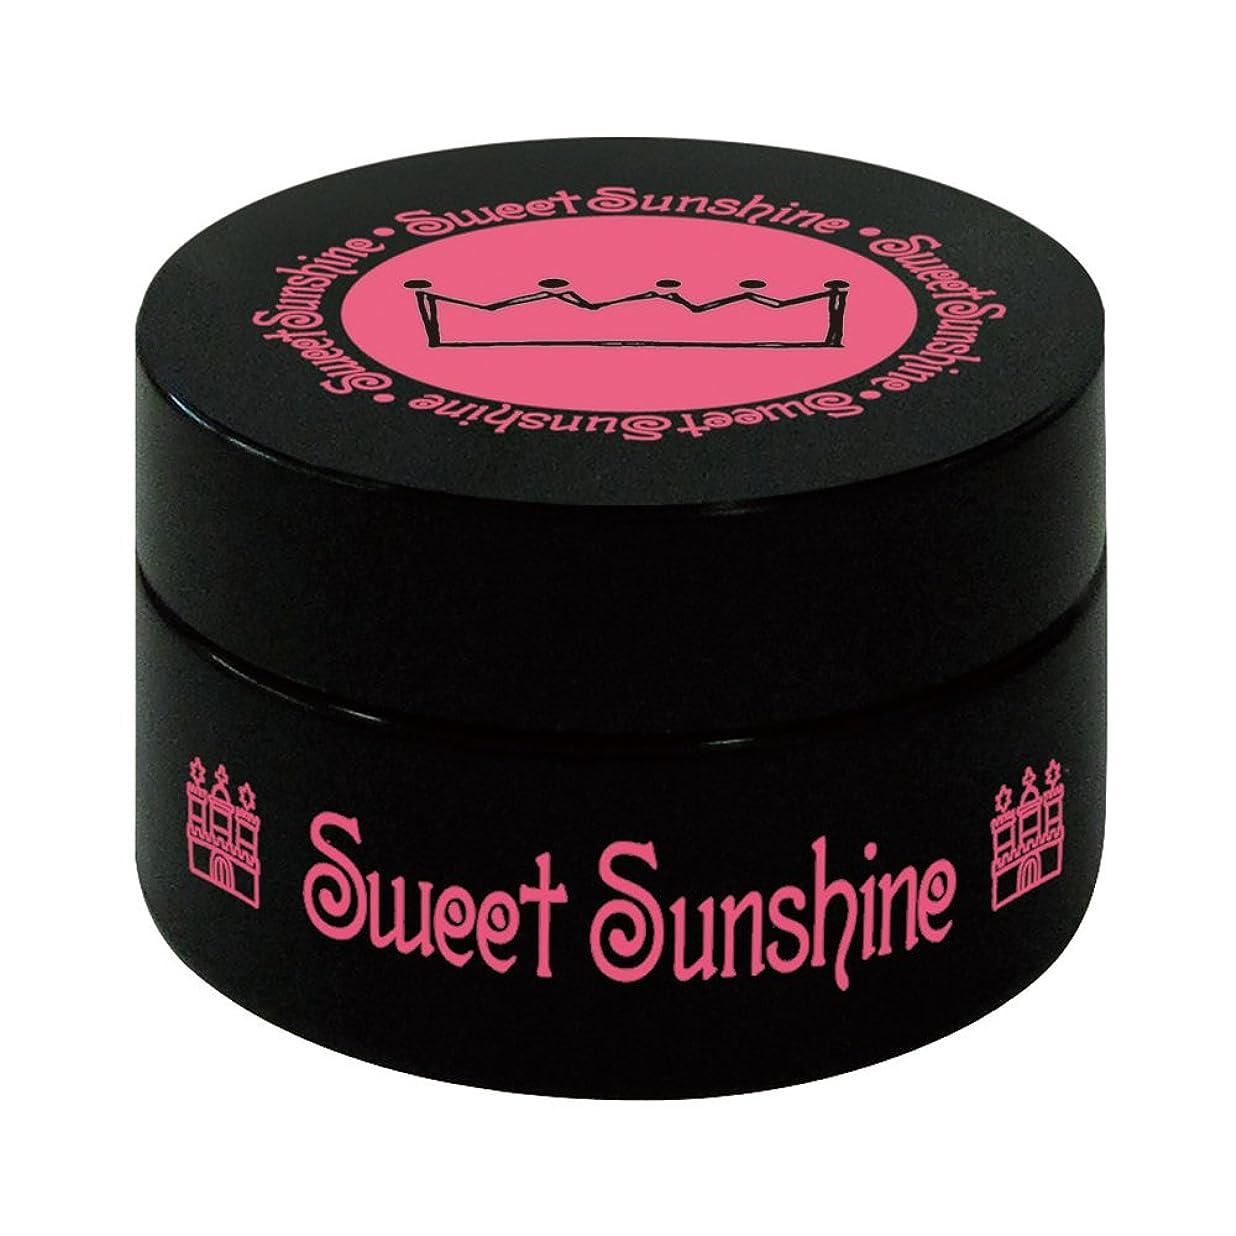 再発するしなやかページ最速硬化LED対応 Sweet Sunshine スィート サンシャイン カラージェル SC-31 4g プリンセスピンク